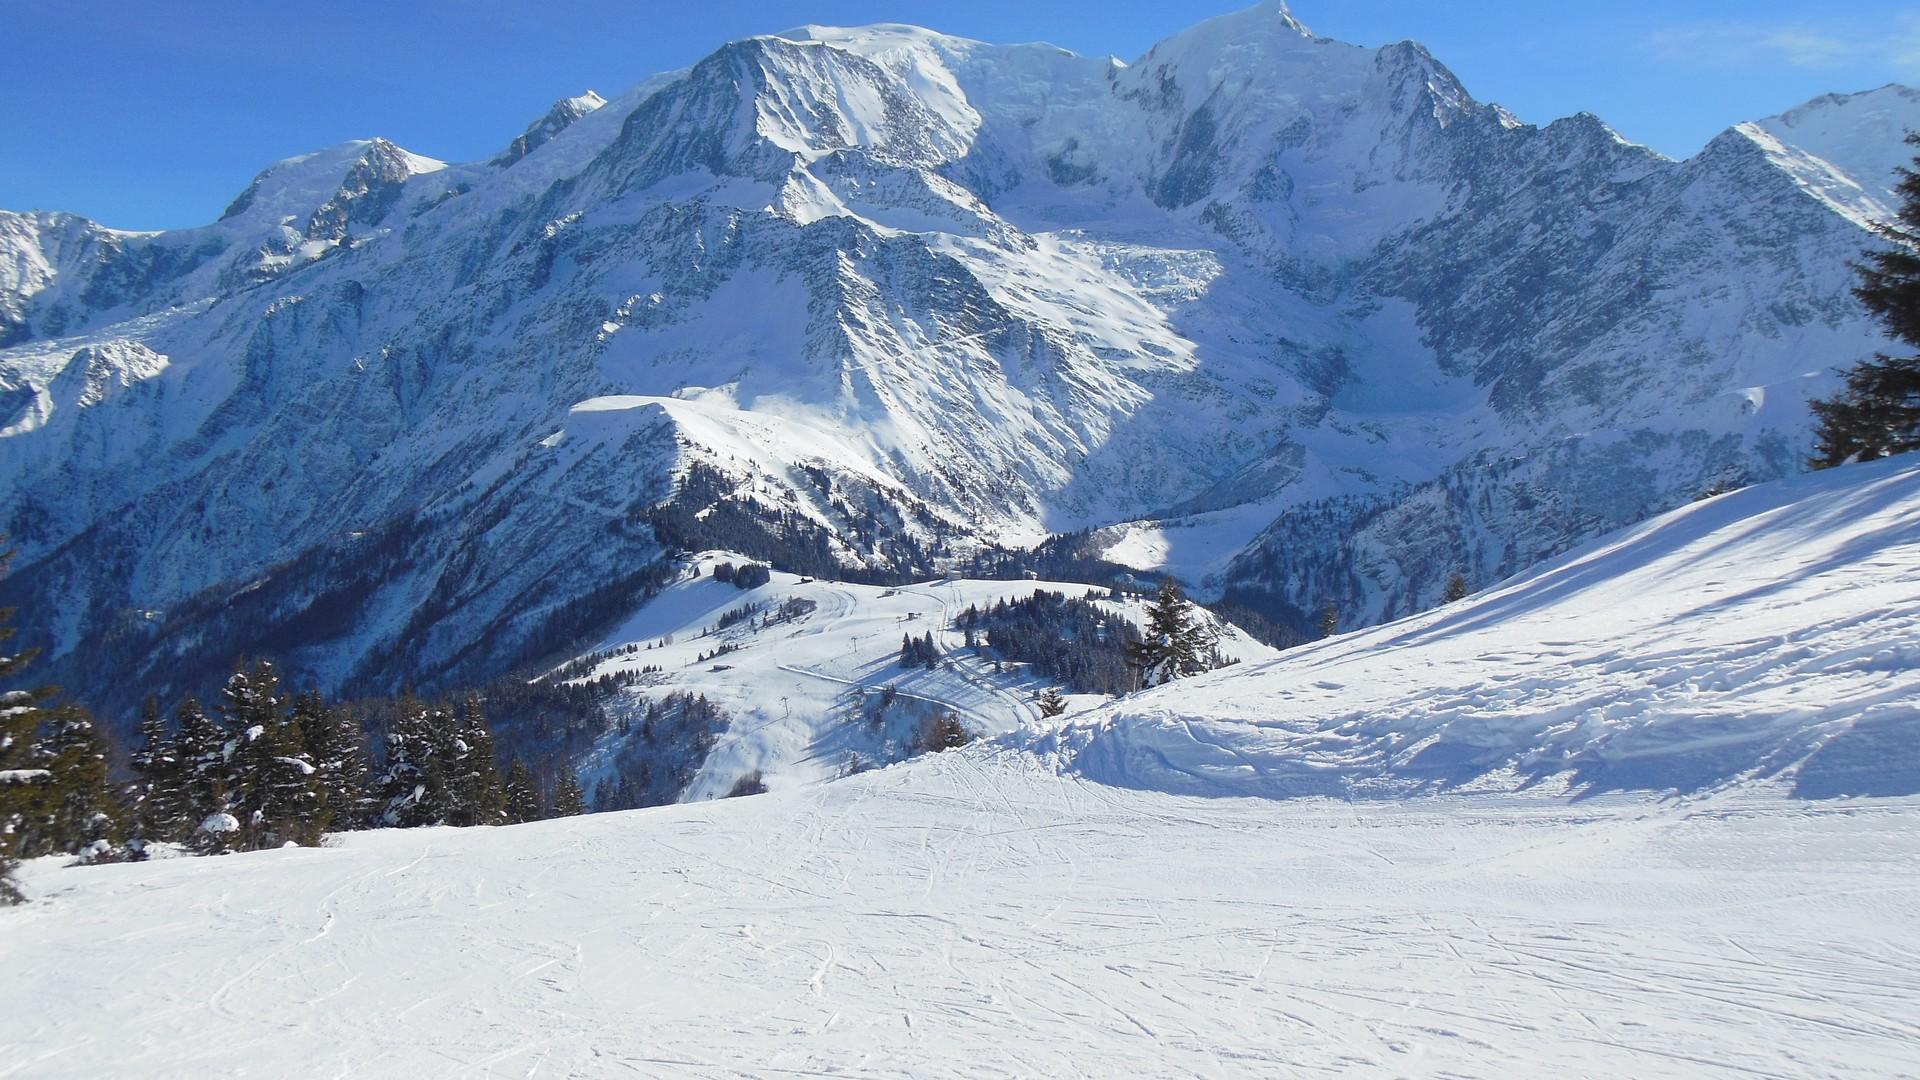 Les Houches - Ski